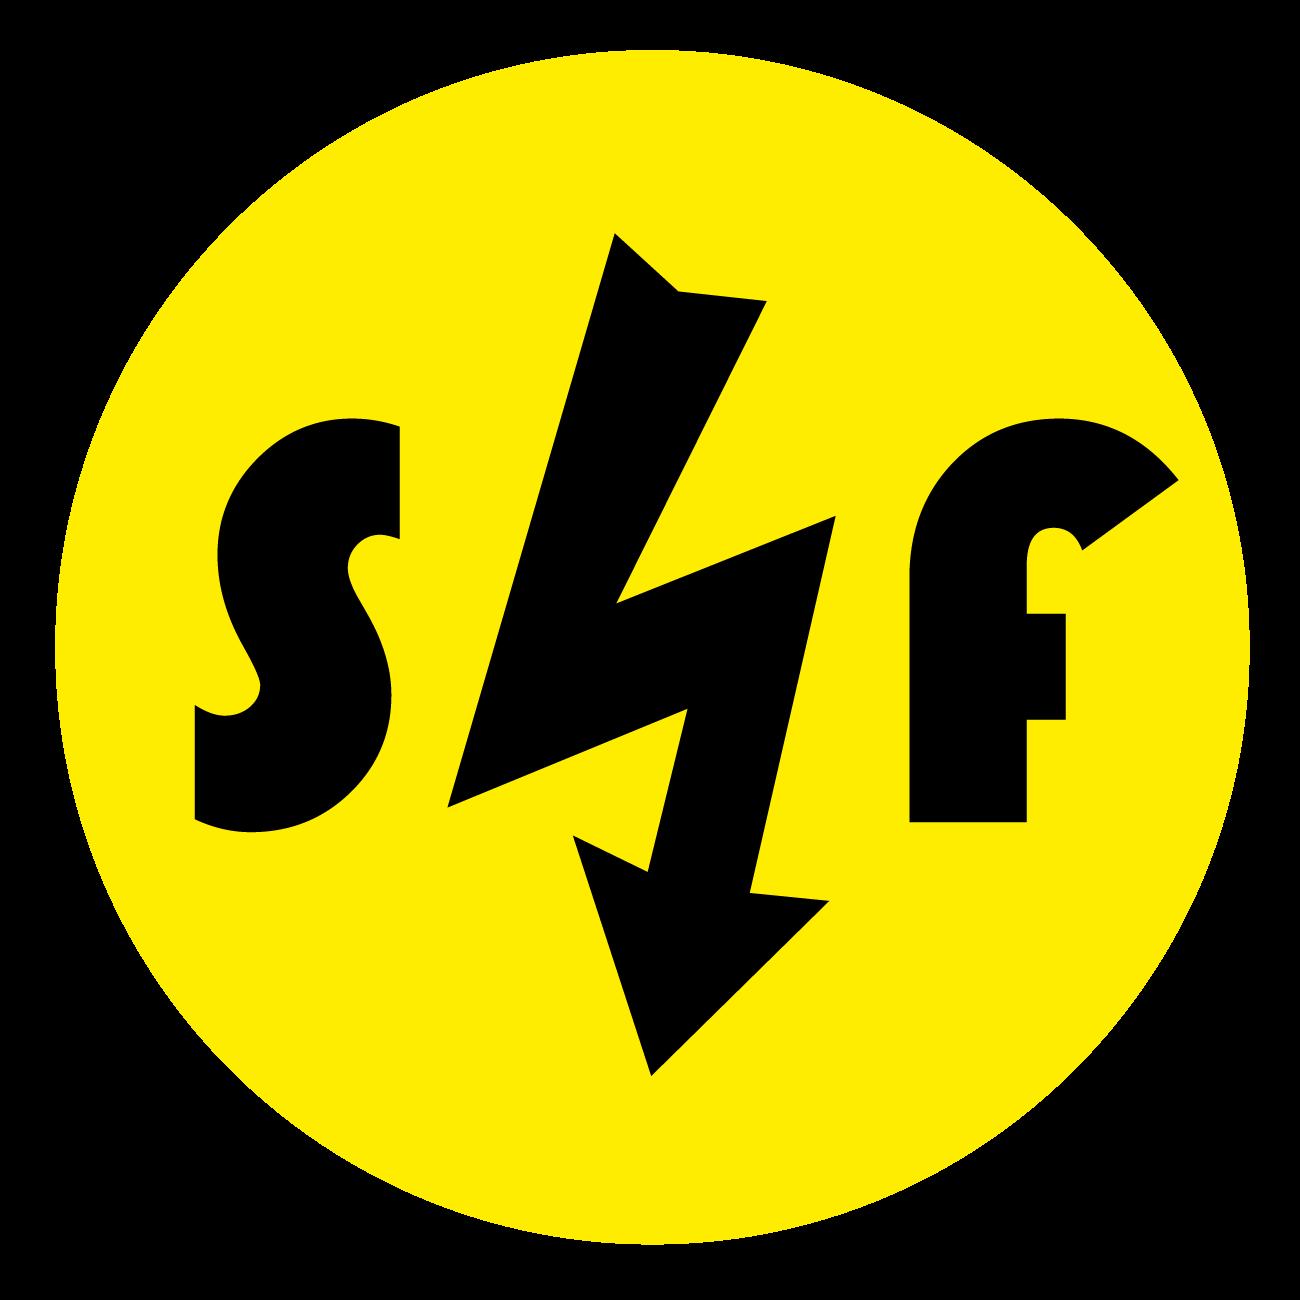 Scholz&Friends Warszawa logo